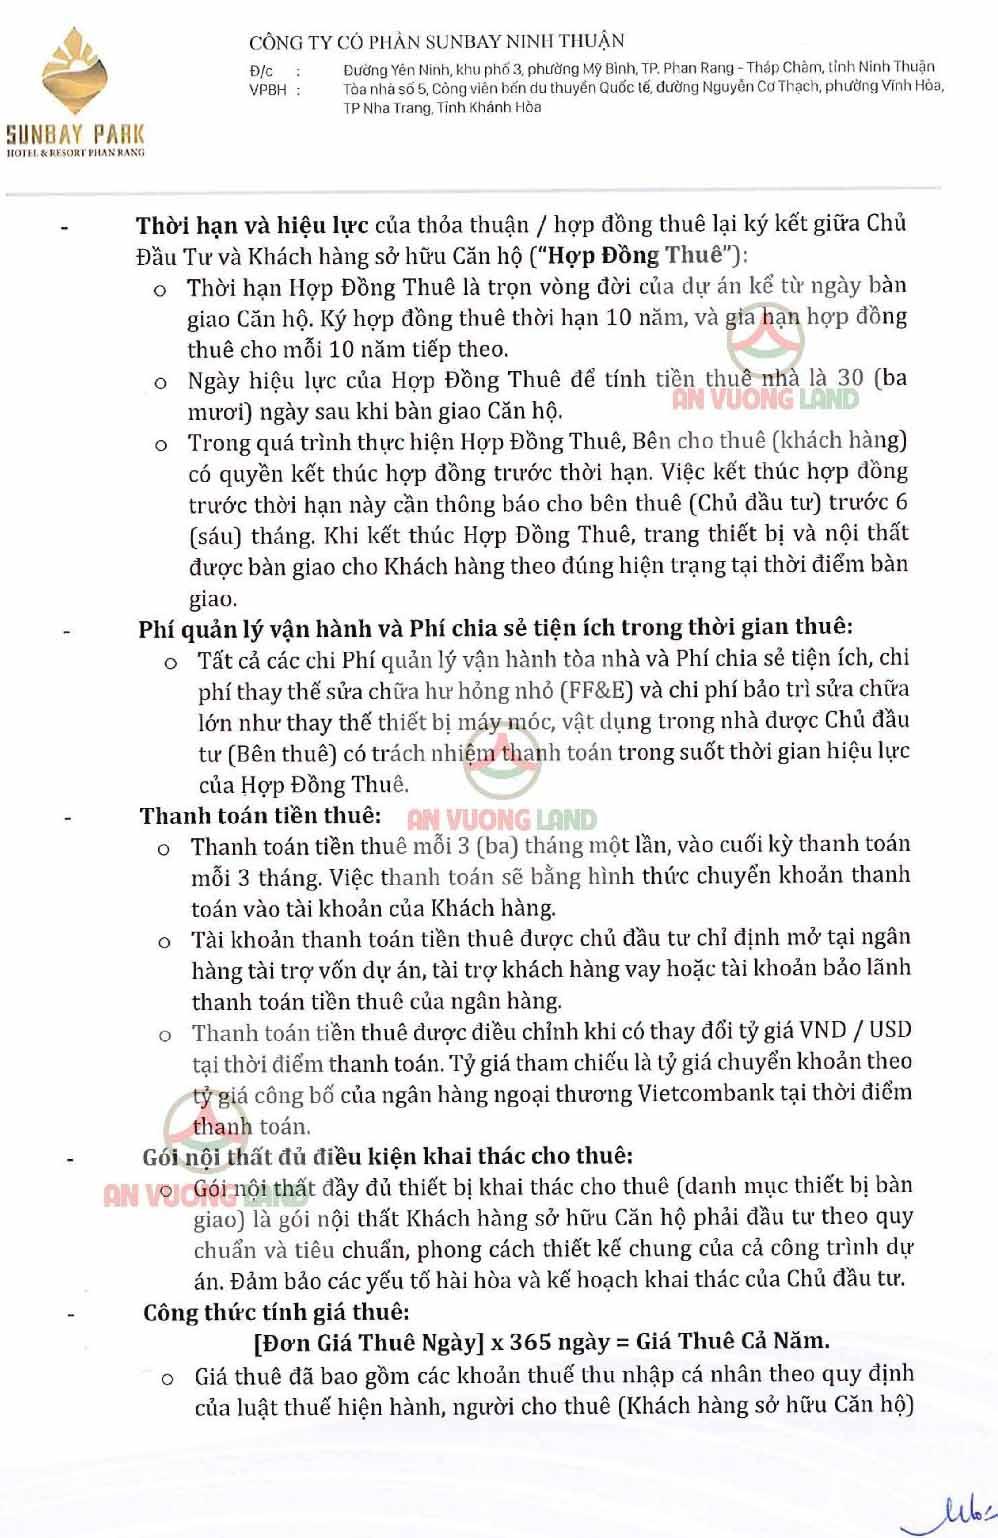 Chính sách bán hàng Sunbay Park Phan Rang Ninh Thuận (2)